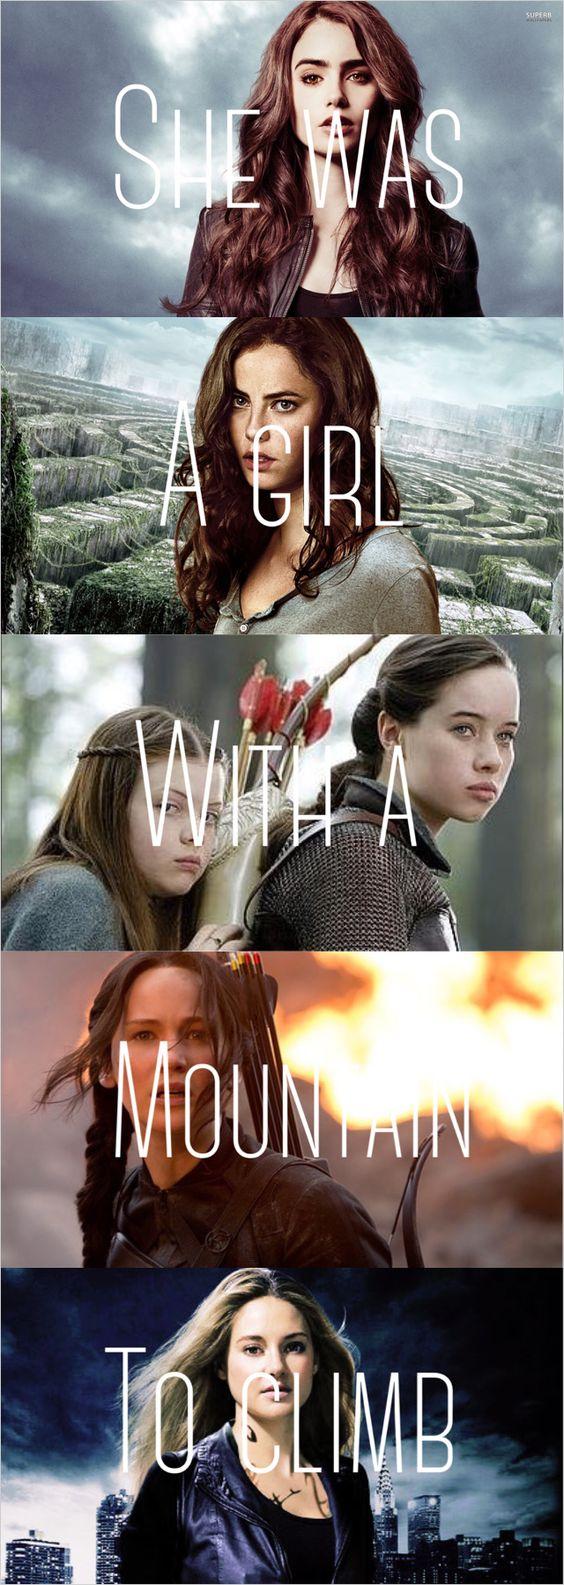 Donde está Hermione?. Igualmente es hermoso